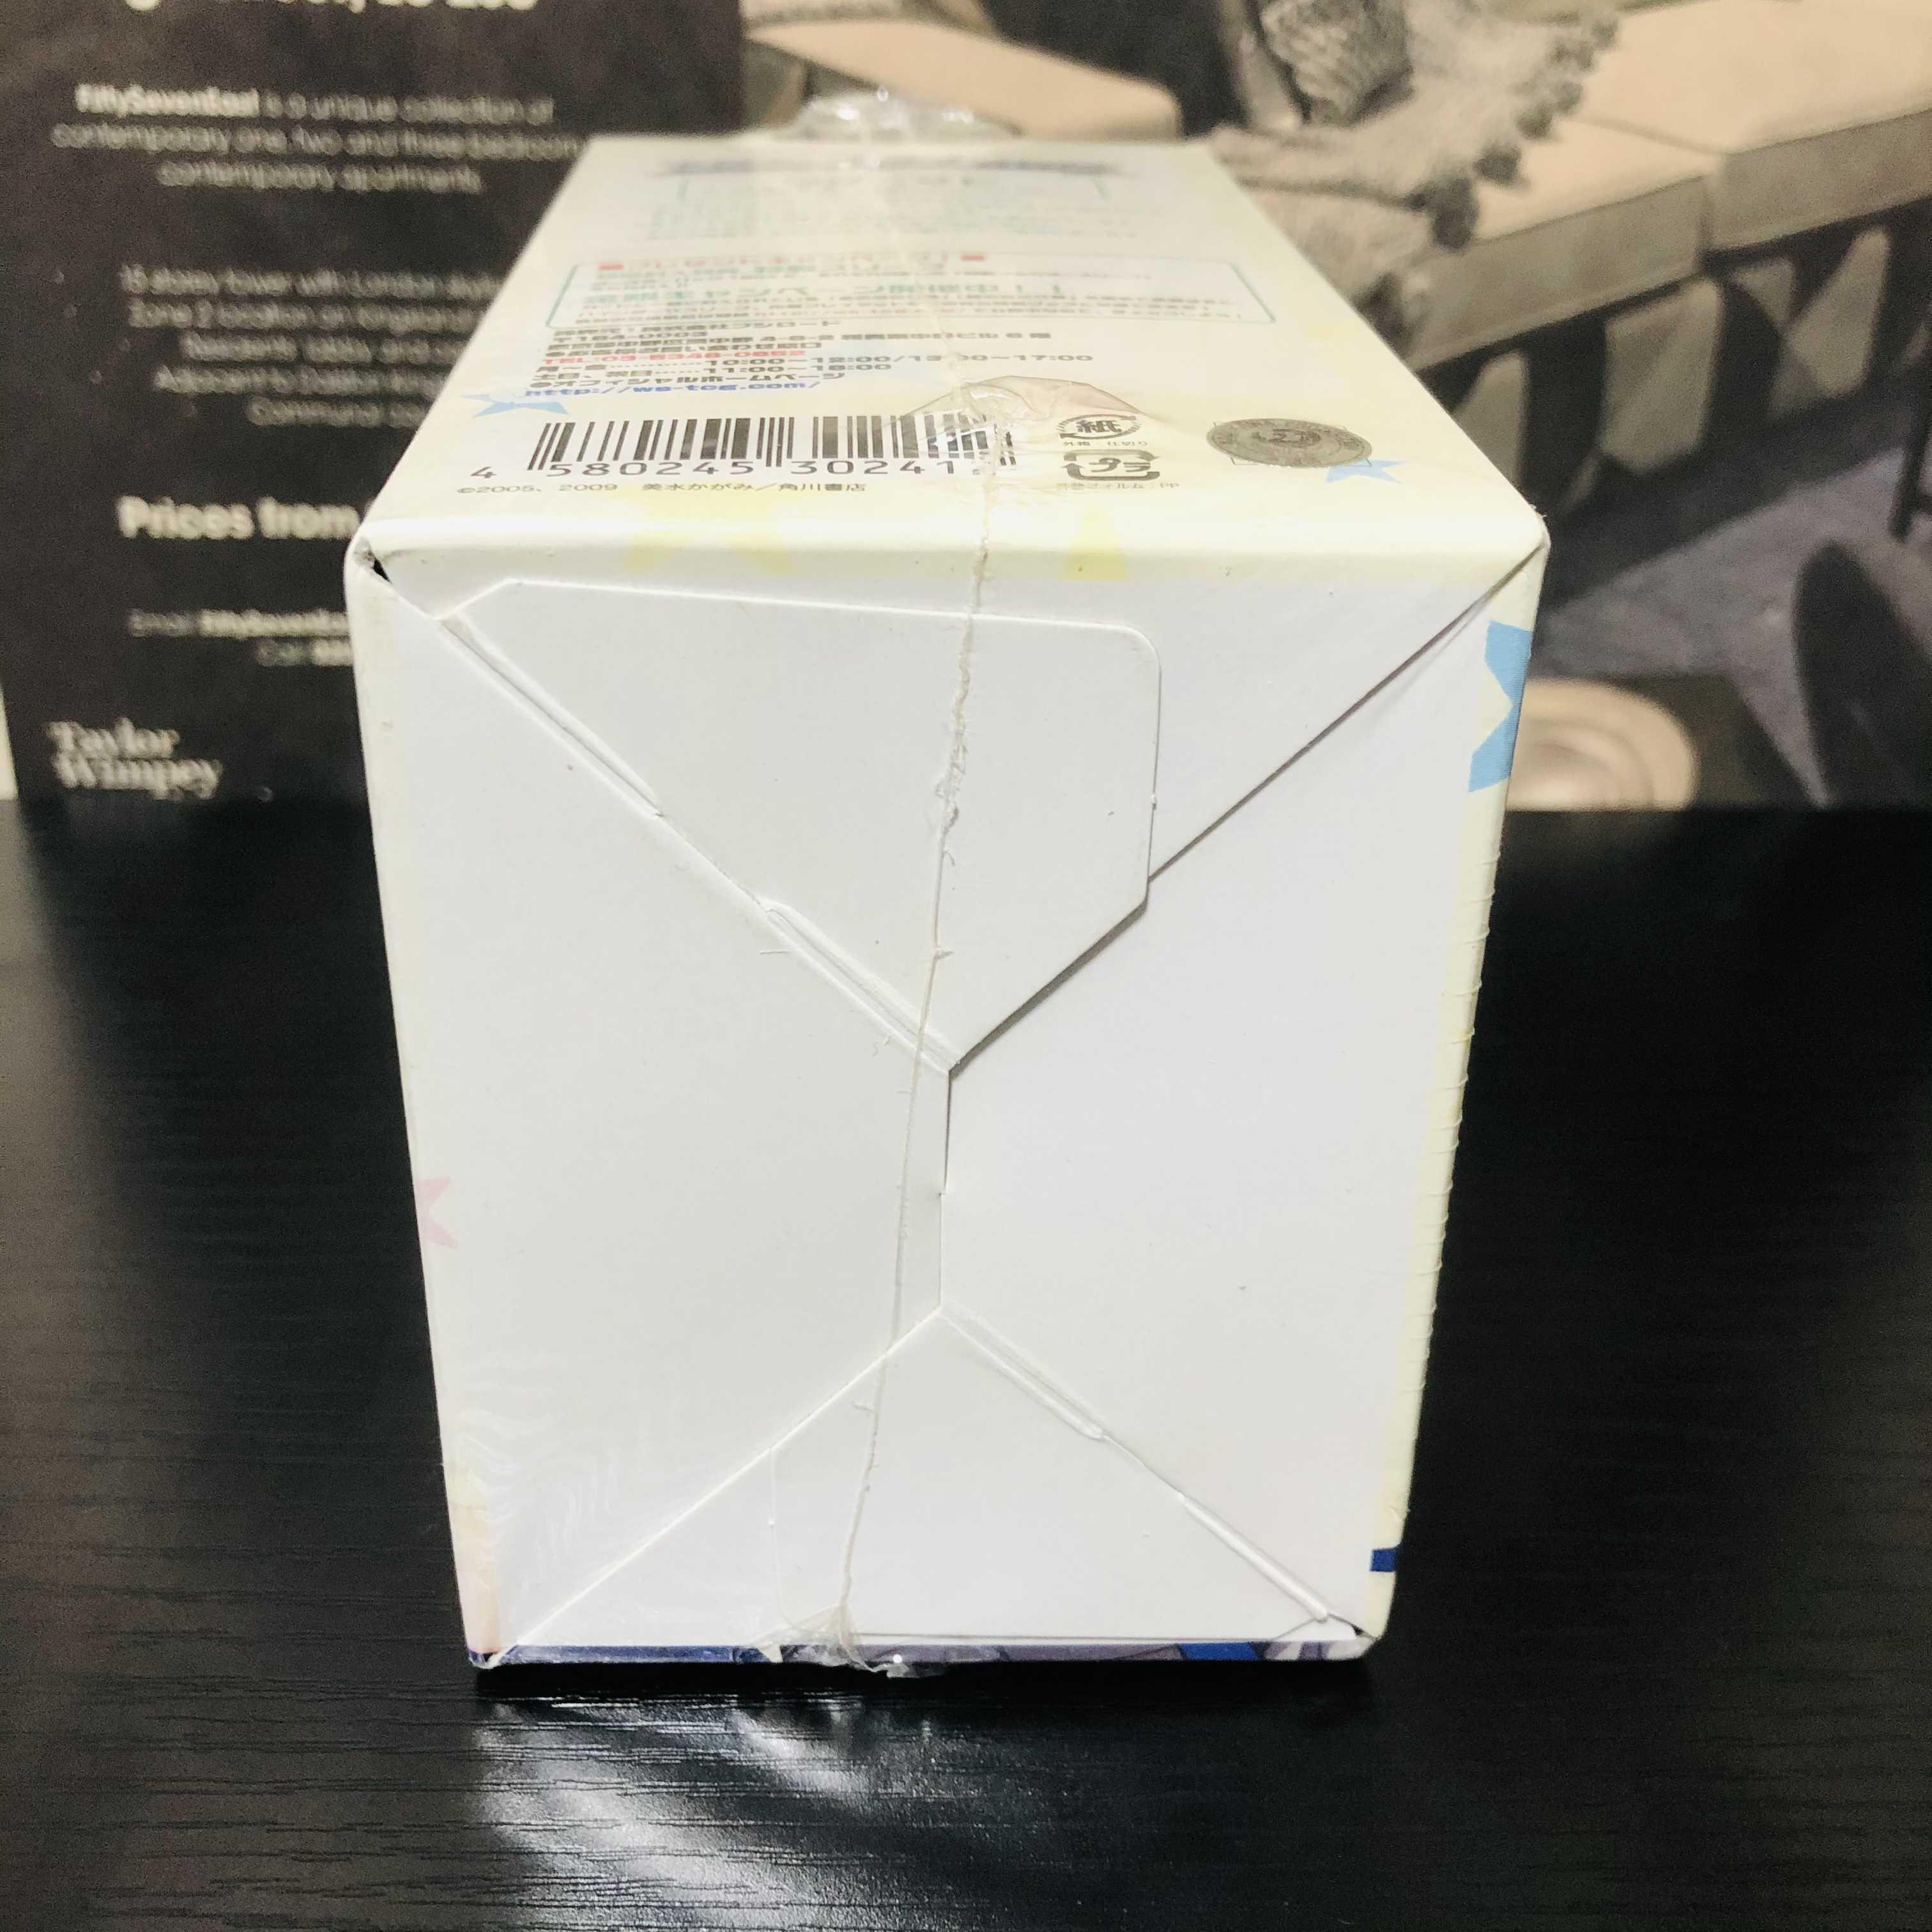 【レア未開封】 ヴァイスシュヴァルツ らき☆すた BOX らきすた ヴァイス